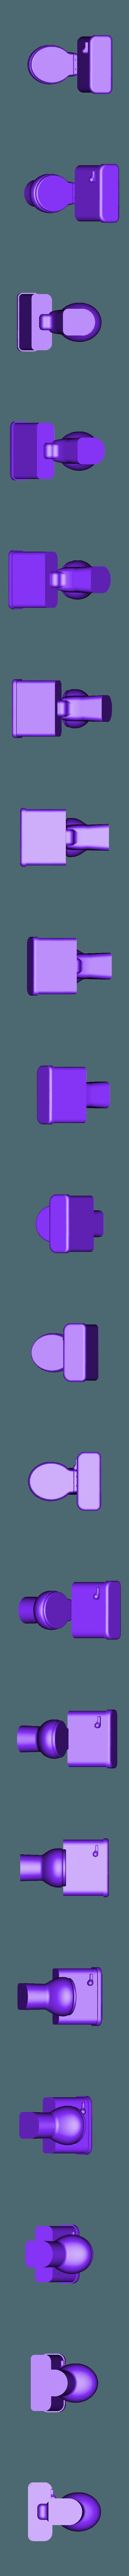 toilet.stl Télécharger fichier STL gratuit Dollhouse toilet 1/24 • Design imprimable en 3D, ericcherry